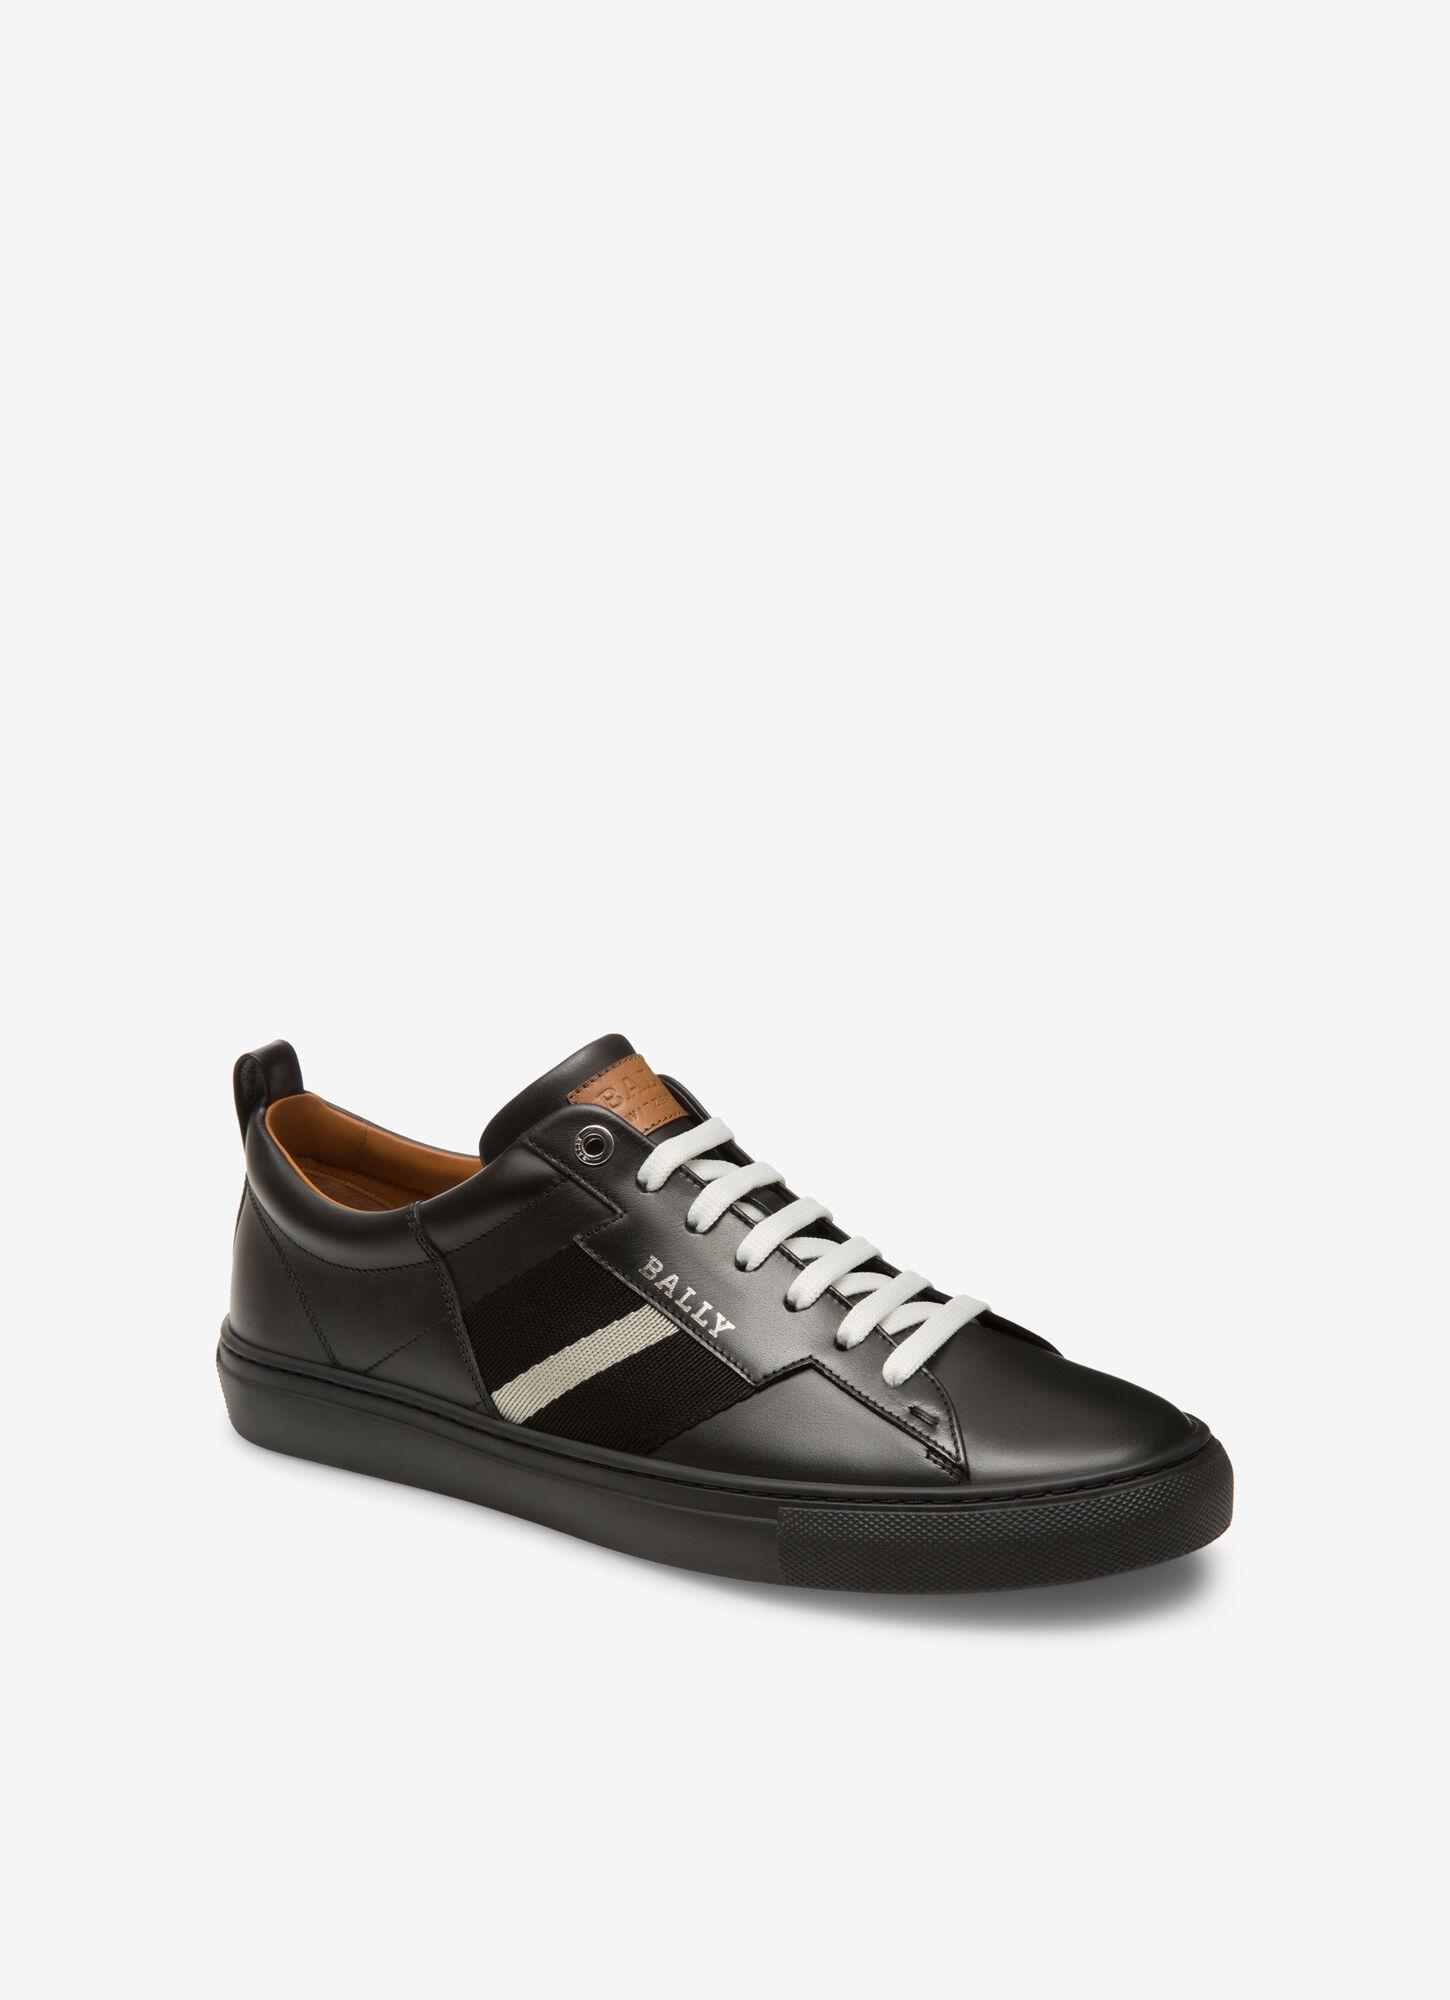 HELVIO| Mens Sneakers | Black Leather